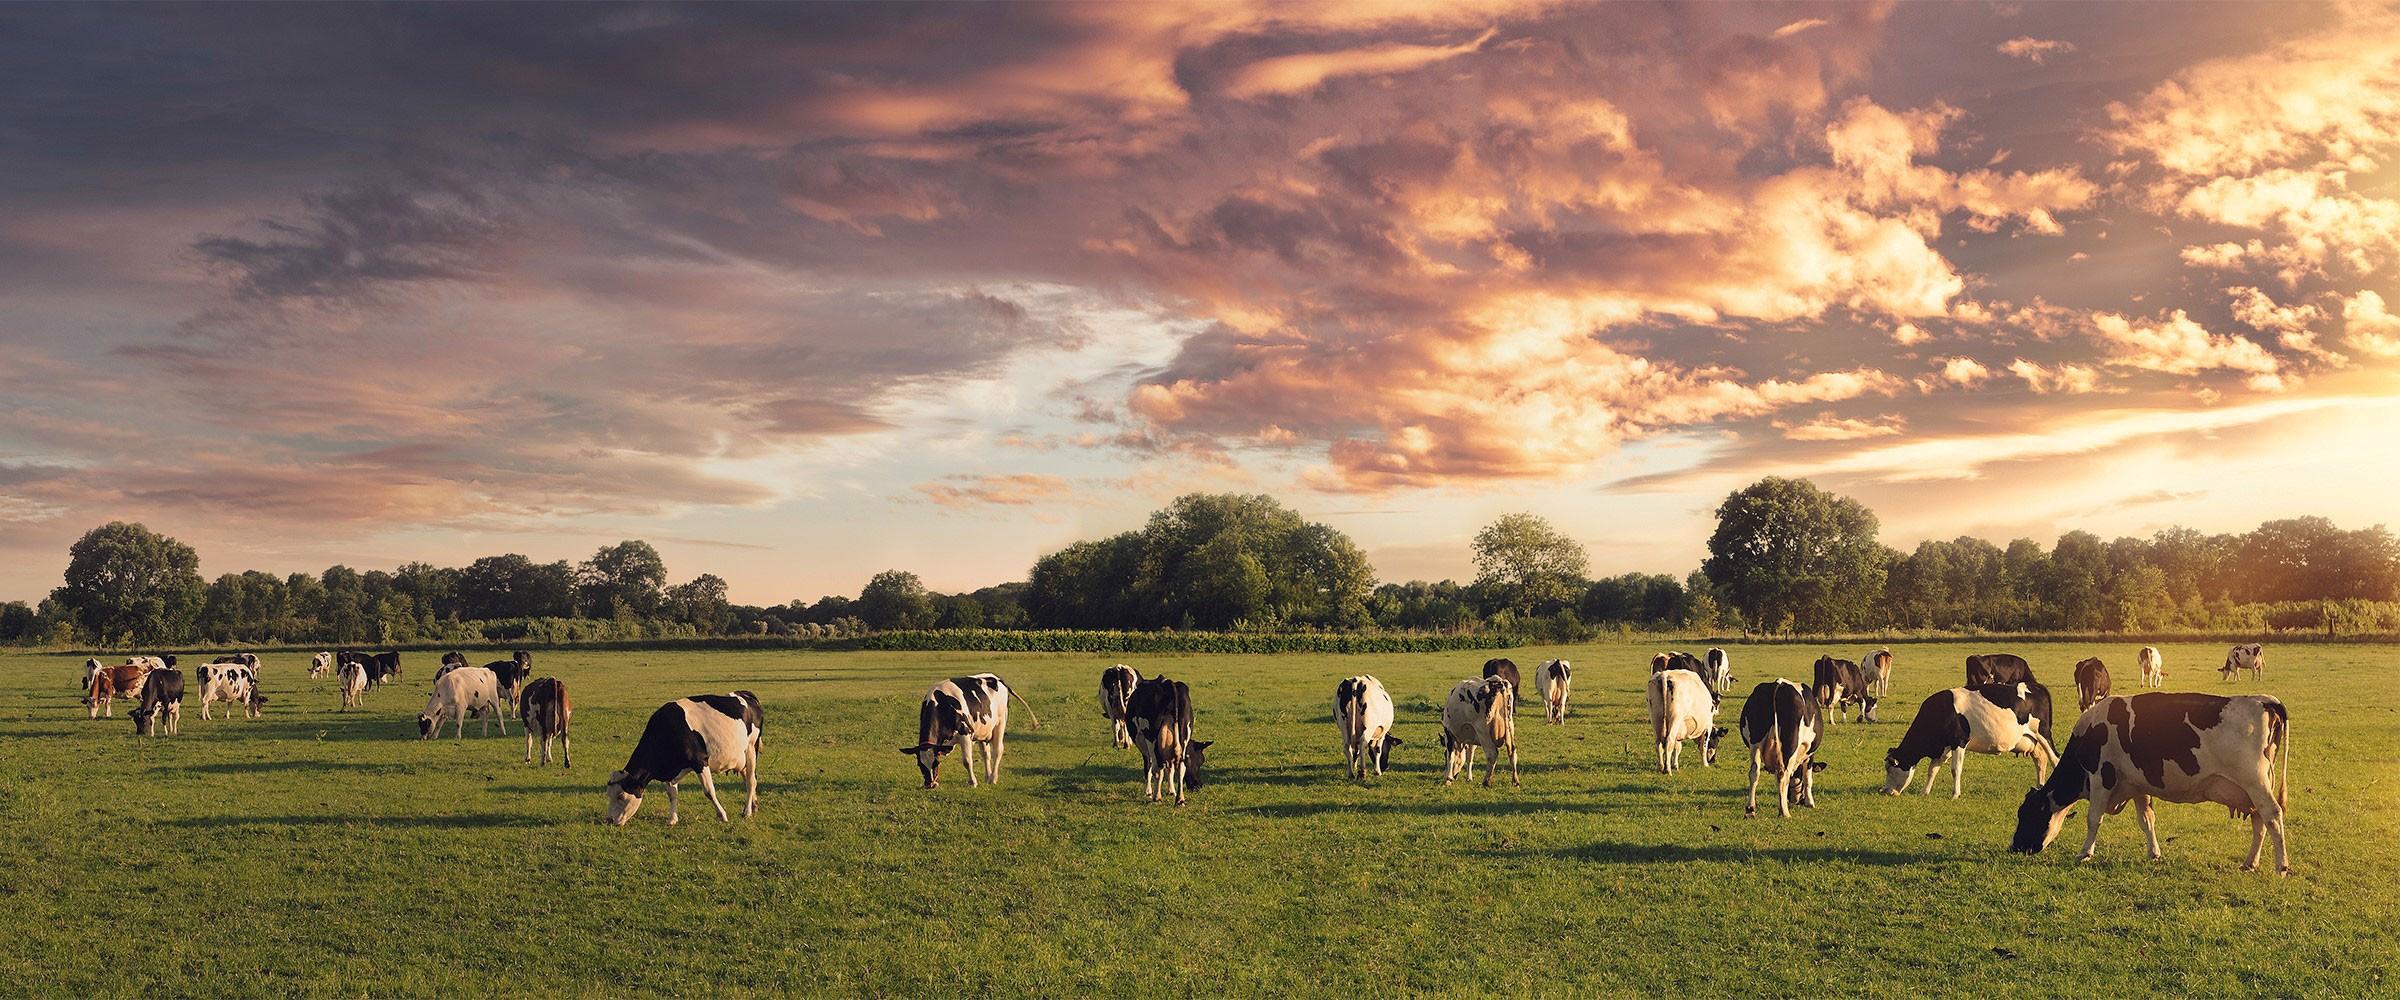 Påvirker køerne klimaet?